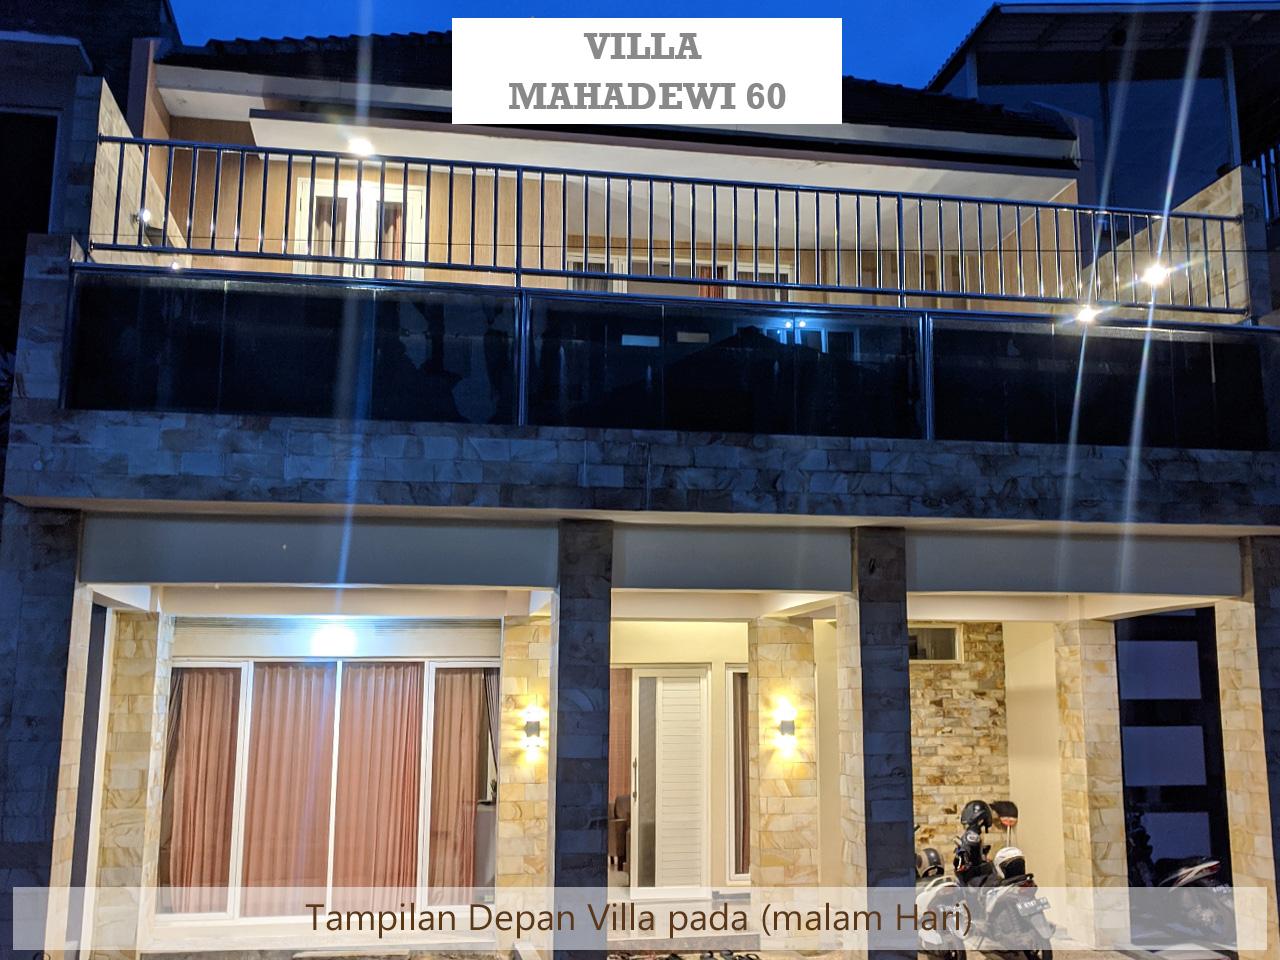 villa mahadewi 60 batu malang